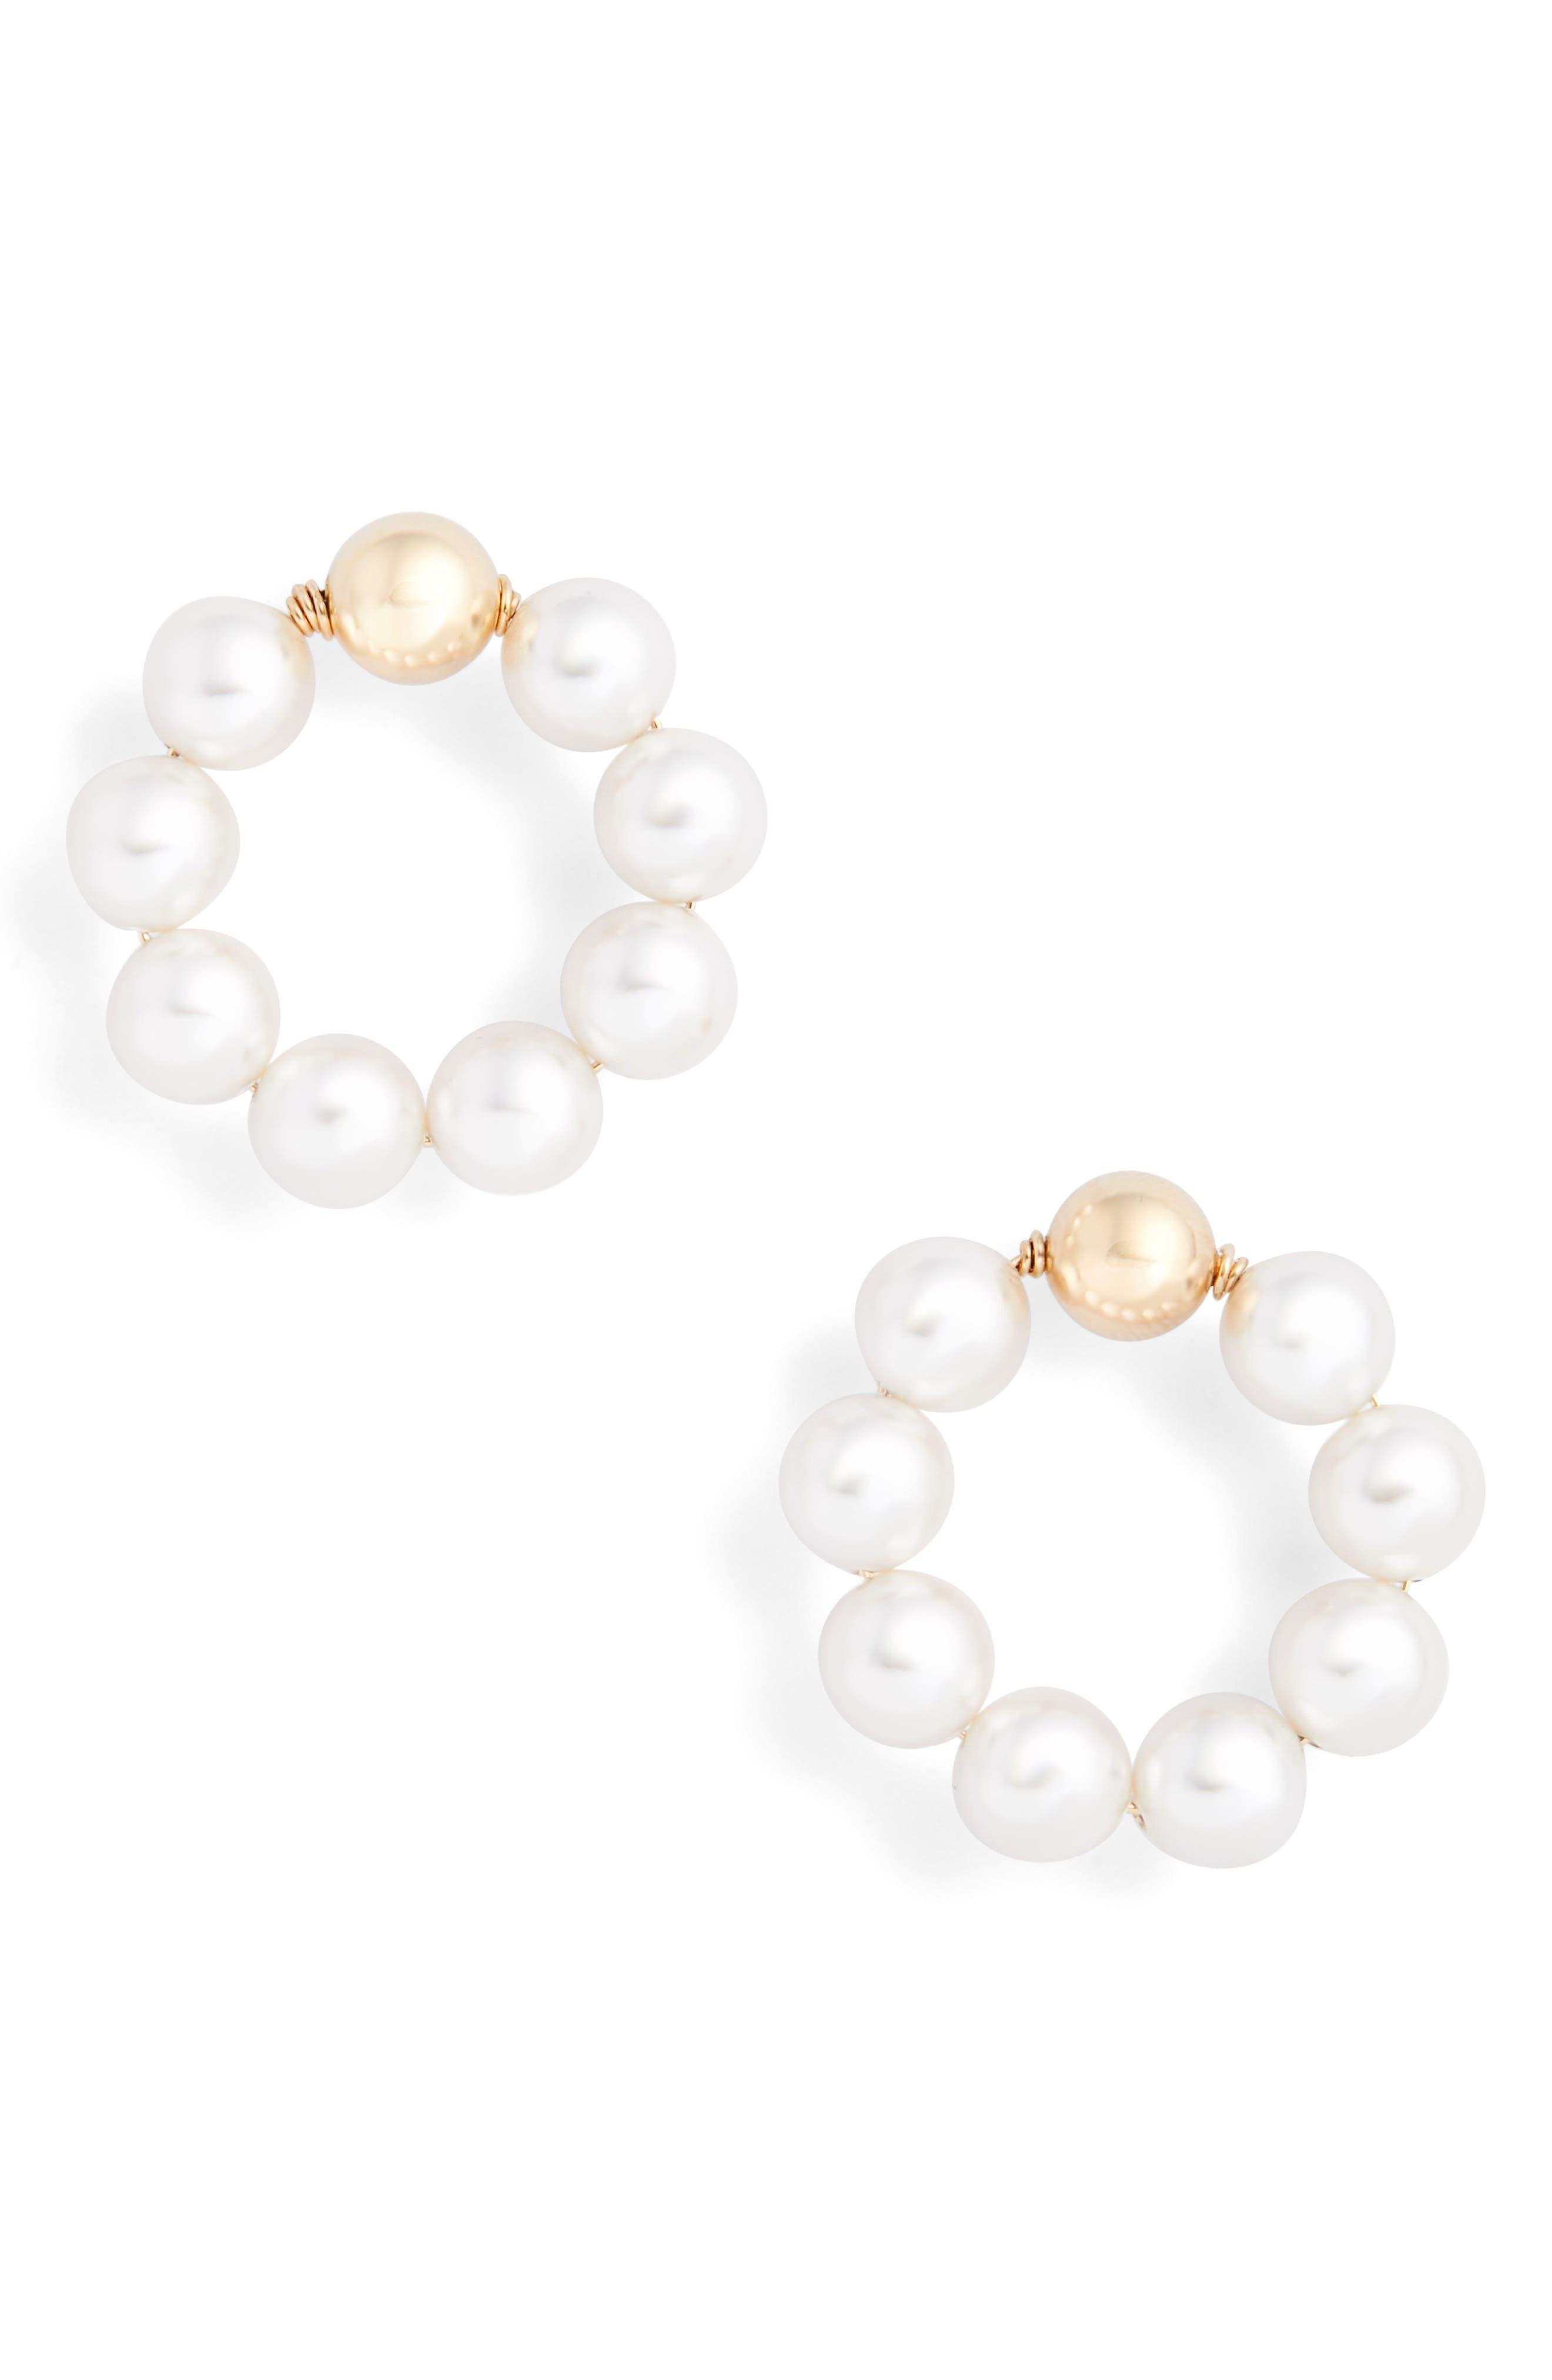 BECK JEWELS Og Beaded Hoop Earrings in White Pearl